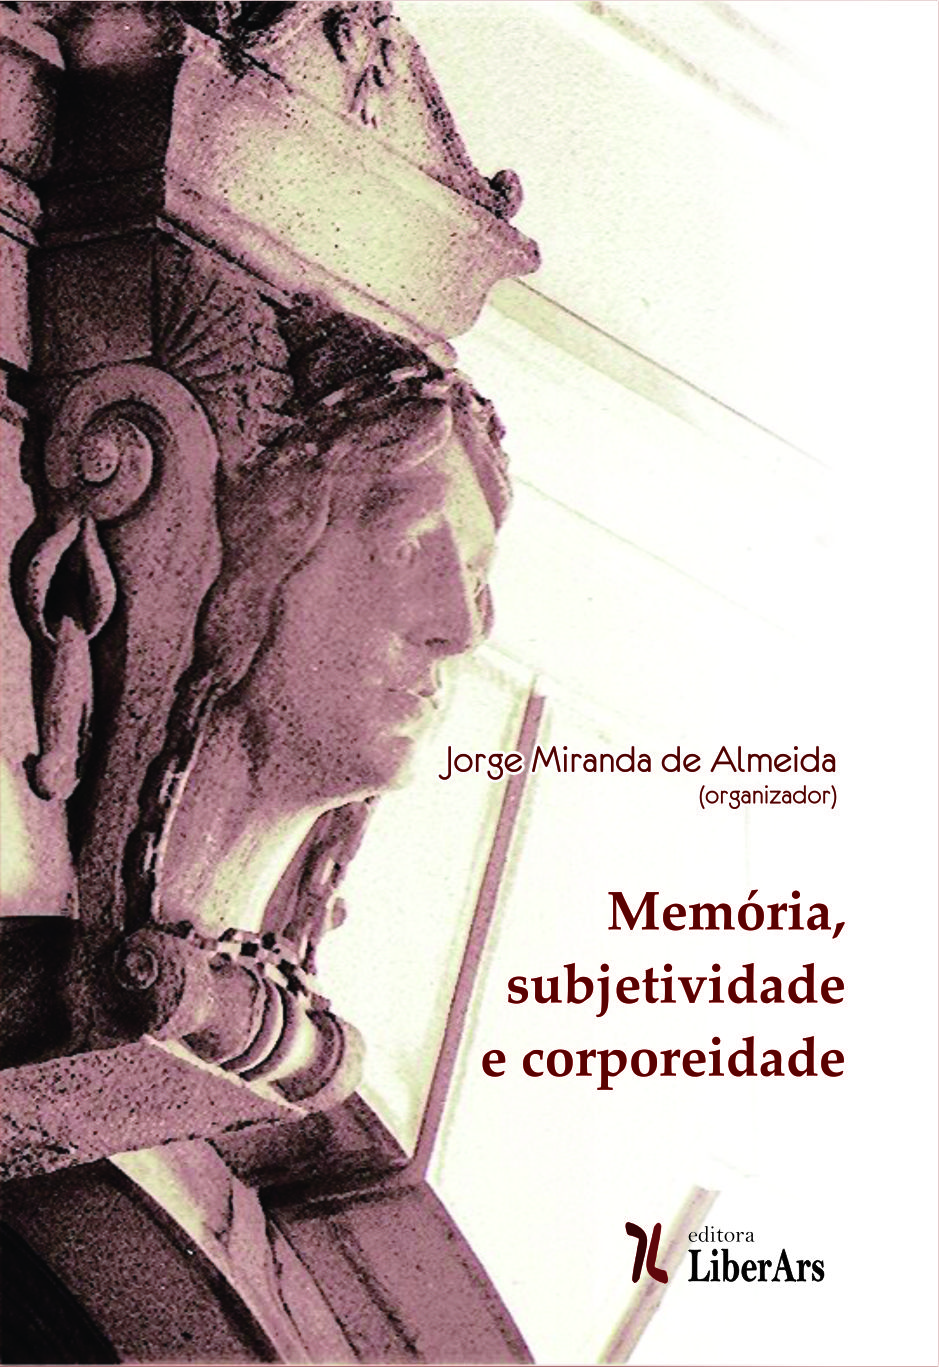 Memória, subjetividade, corporeidade, livro de Jorge Miranda de Almeida (org.)